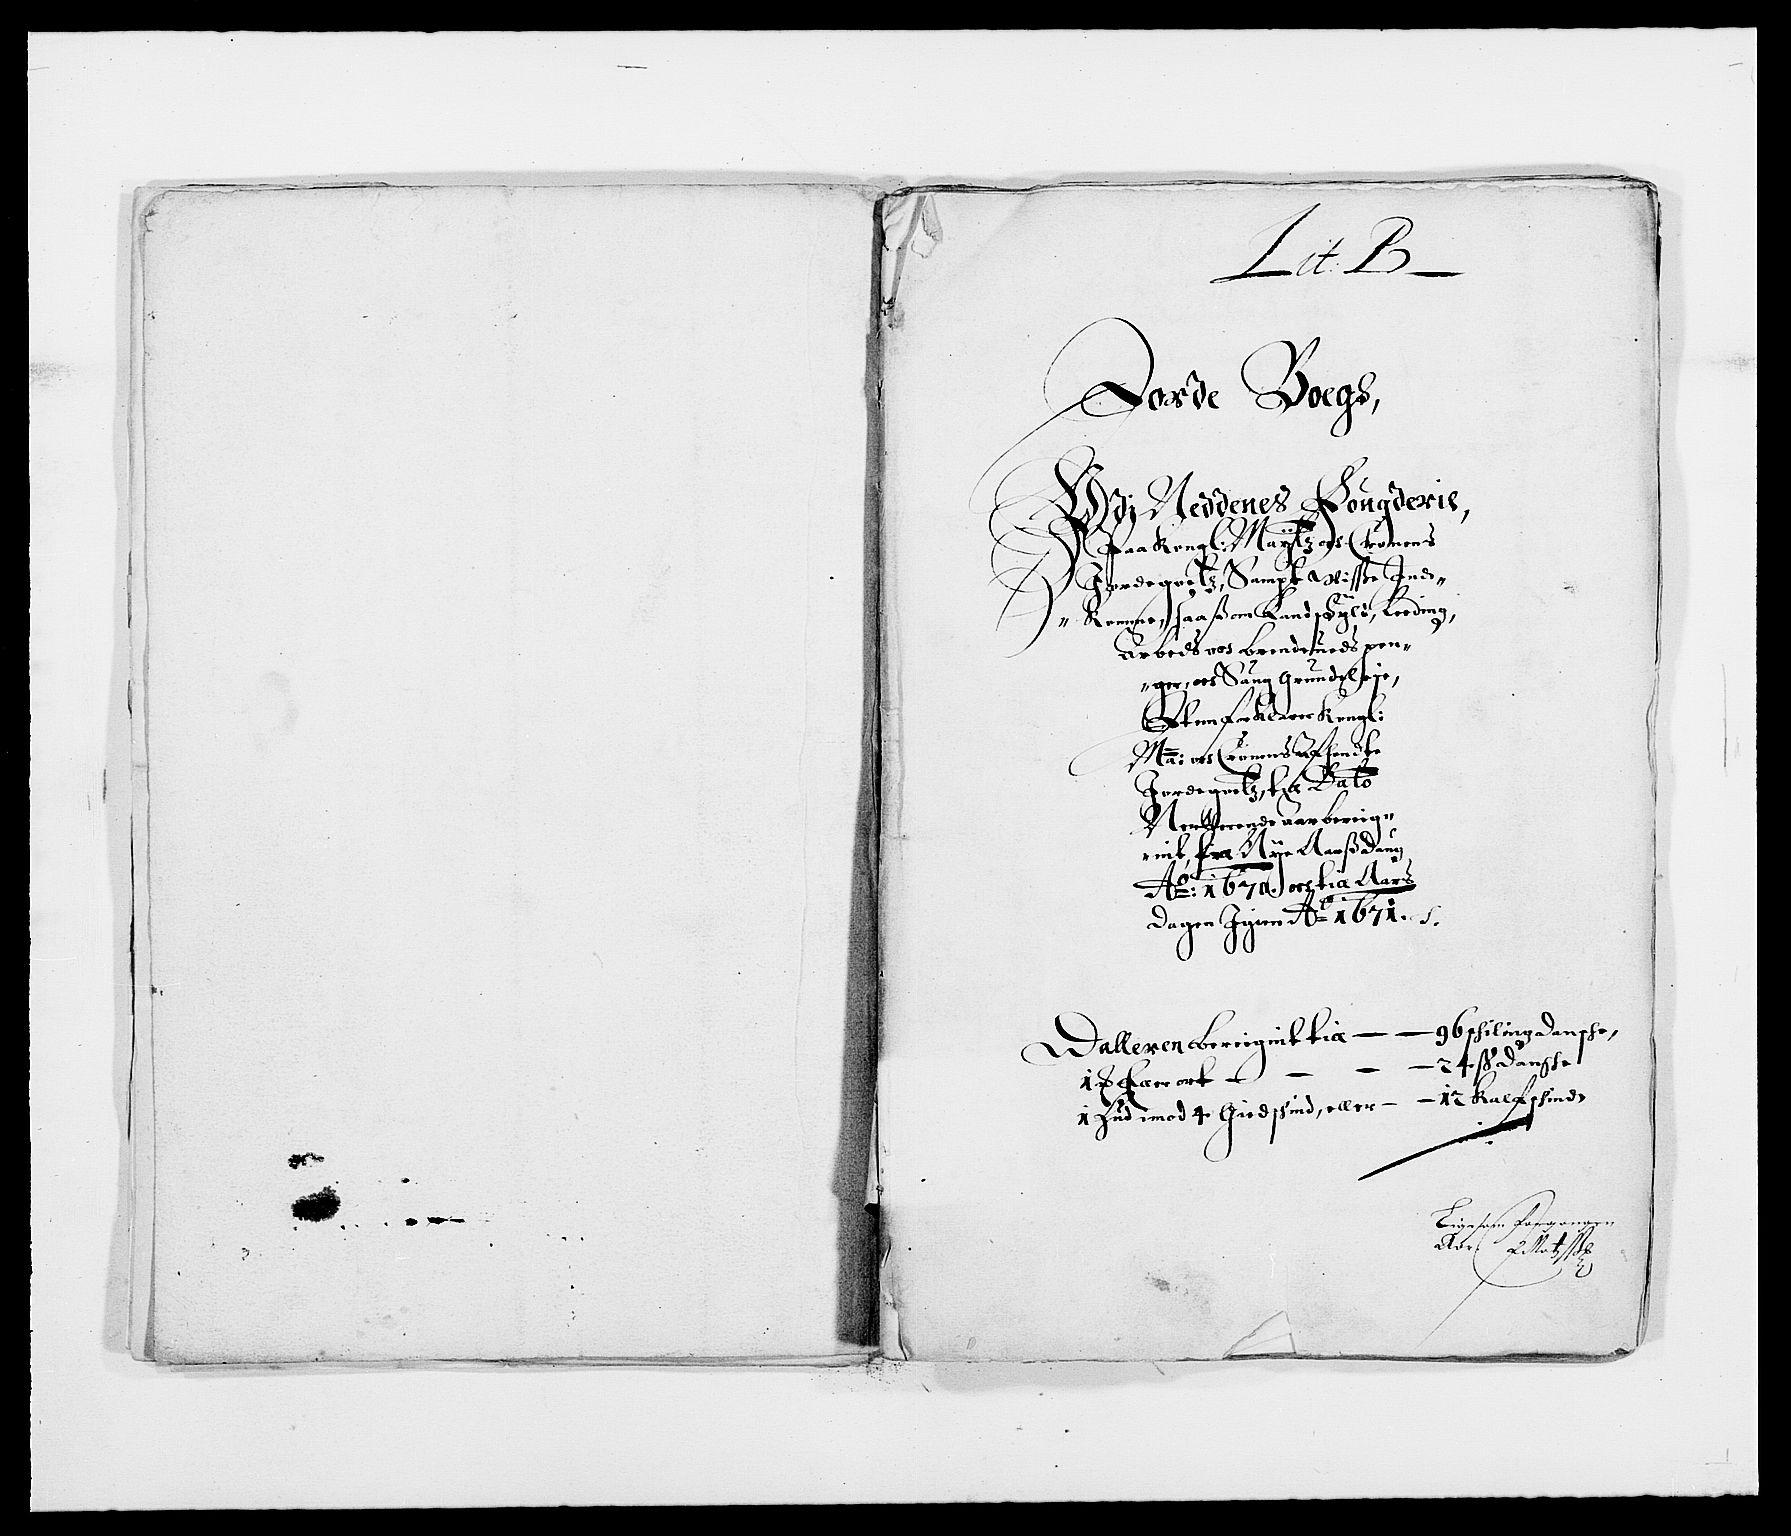 RA, Rentekammeret inntil 1814, Reviderte regnskaper, Fogderegnskap, R39/L2299: Fogderegnskap Nedenes, 1670-1671, s. 17